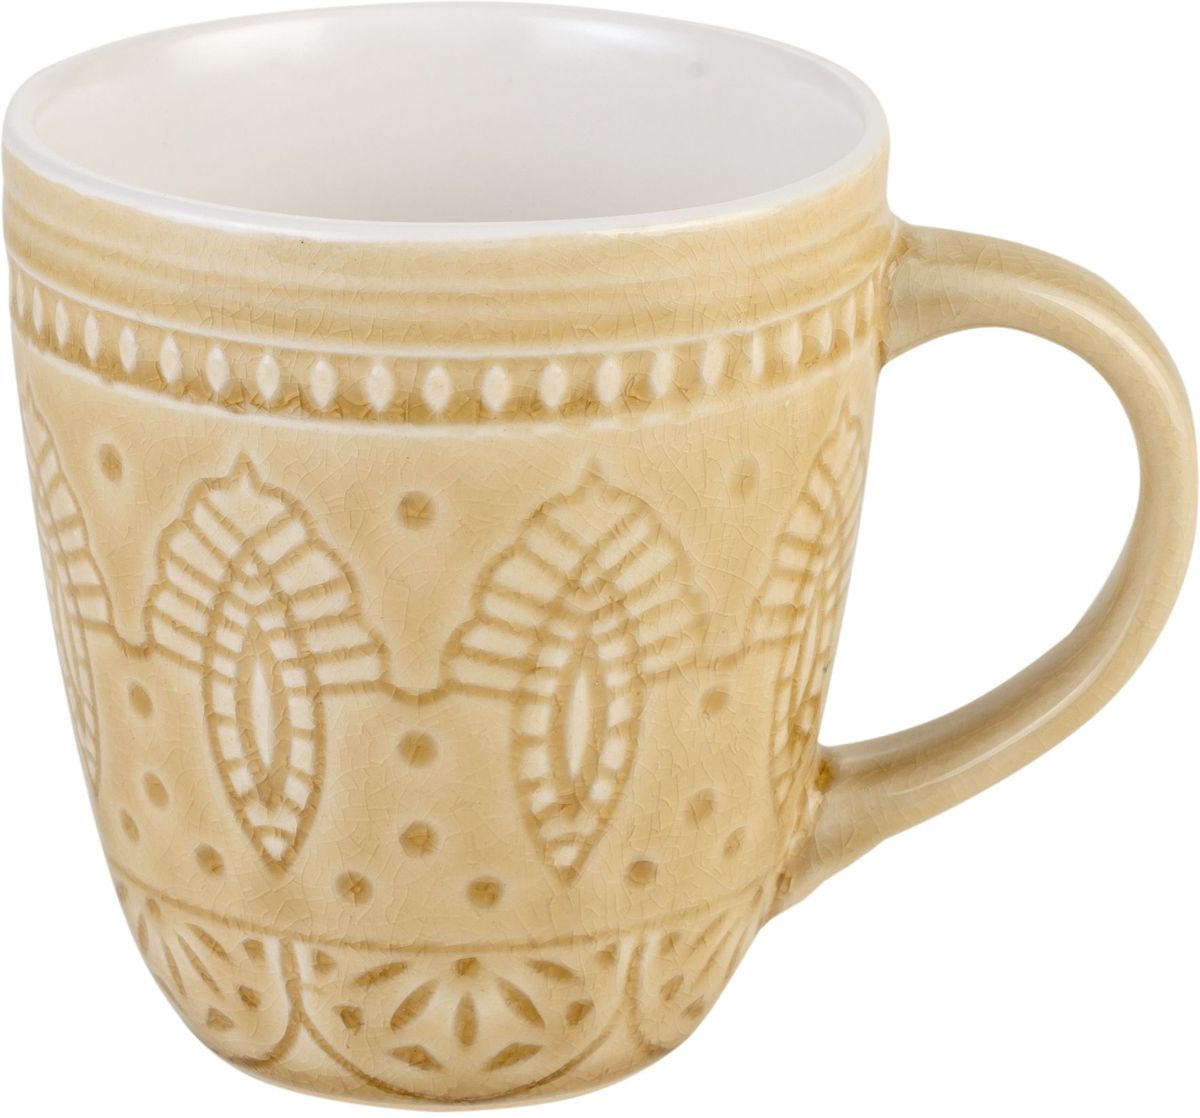 Набор кружек Tongo, цвет: золотая рожь, 350 мл, 6 штM-350y Tongo Набор кружекКружки Tongo изготовлены из экологически чистой каменной керамики, покрытой сверкающей глазурью. Изделие оформлено изысканным рельефным орнаментом. Поверхность слегка потрескавшаяся, что придает посуде винтажный вид и оттенок старины. Такие кружки прекрасно оформят стол к чаепитию и станут его неизменным атрибутом.Можно использовать в посудомоечной машине и СВЧ.